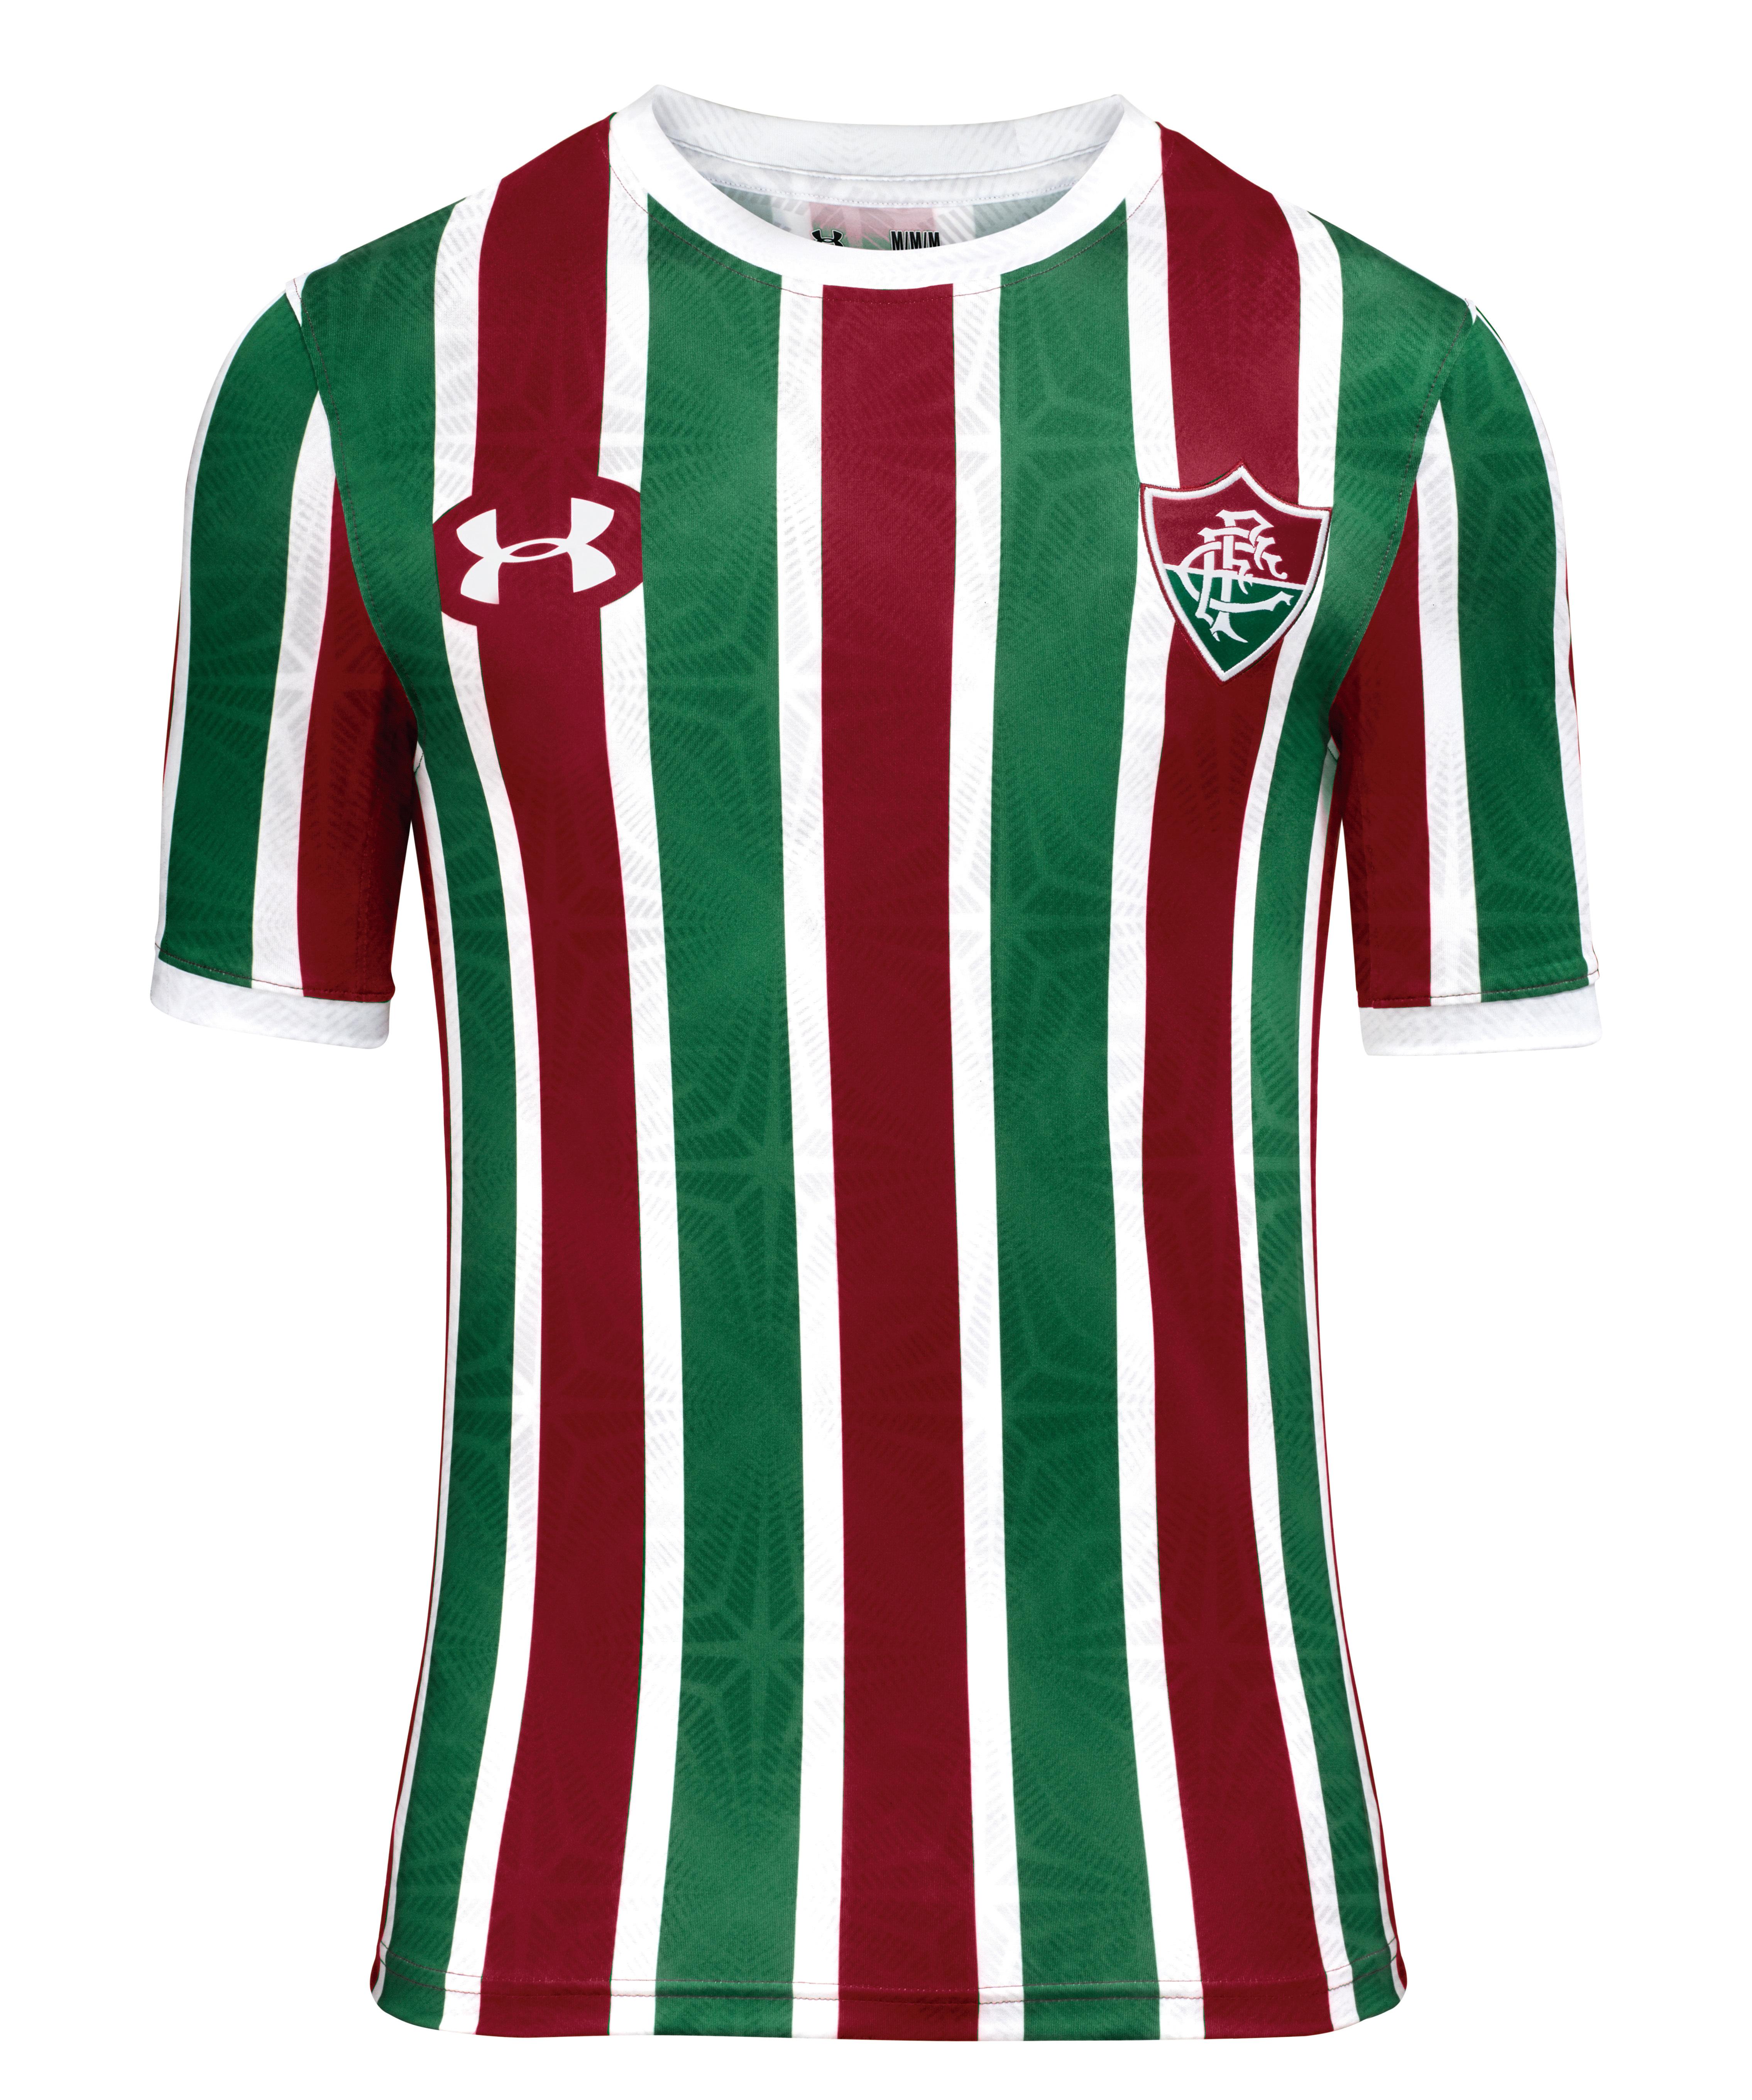 a9722a98458d7 Os uniformes 1 e 2 já estão à venda no site do Fluminense por R  249